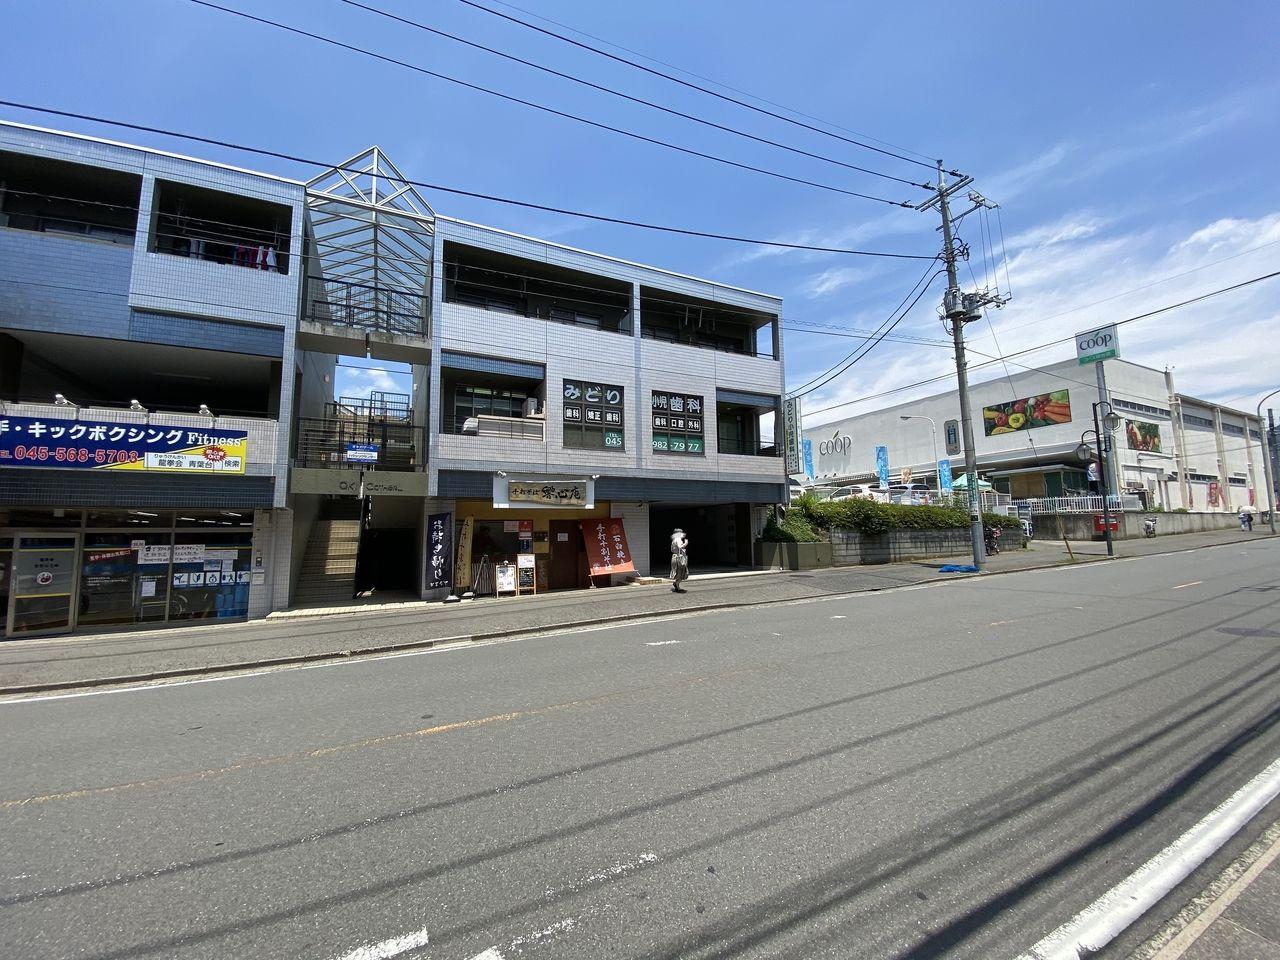 青葉台駅から「桜台」の交差点からユーコープ:桜台( 生活協同組合ユーコープ)方向の様子です。